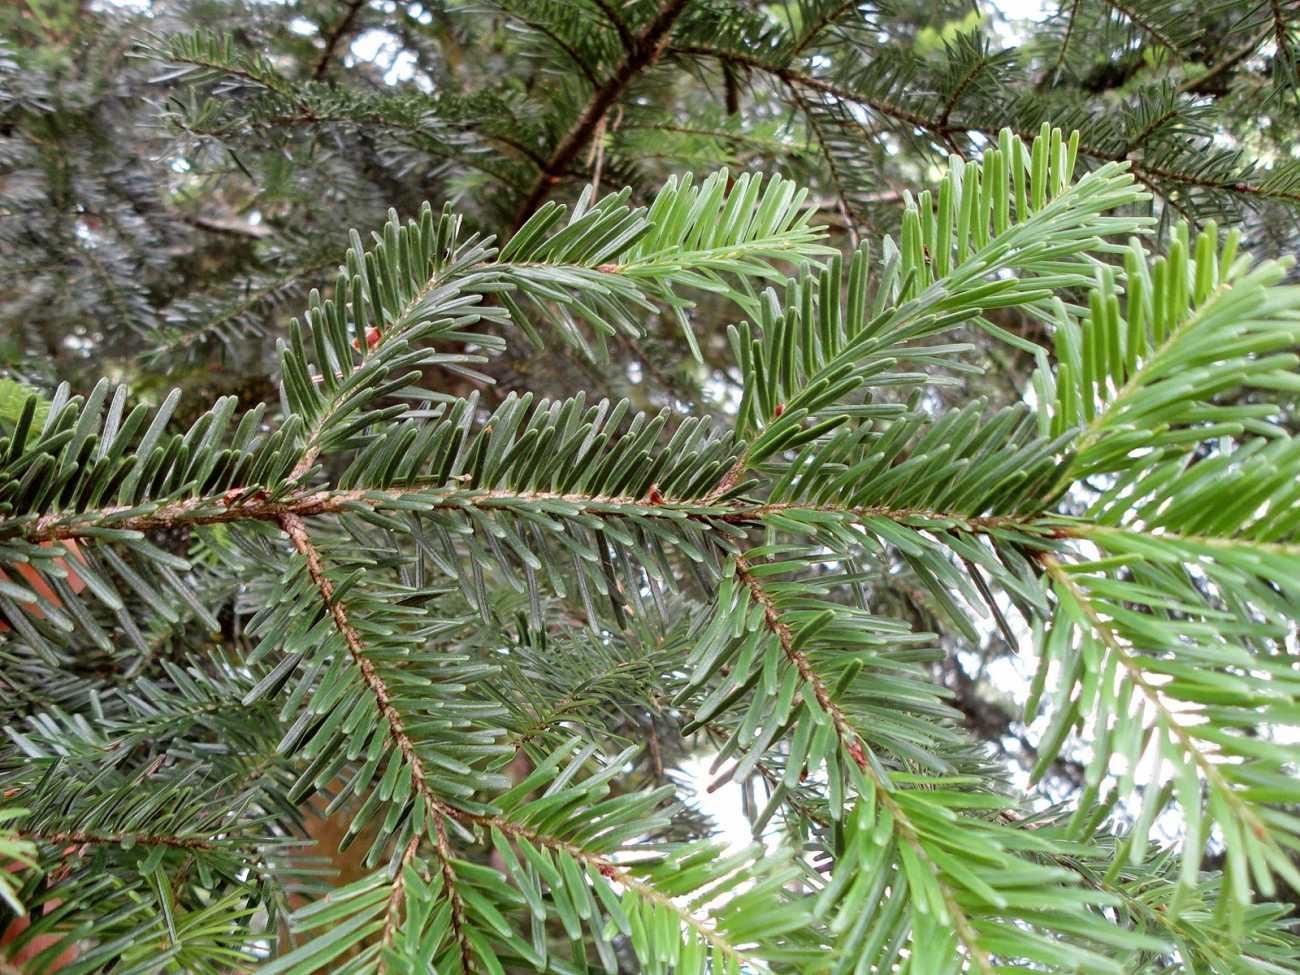 jodła pospolita - ozdobne drzewo iglaste o dużych szyszkach